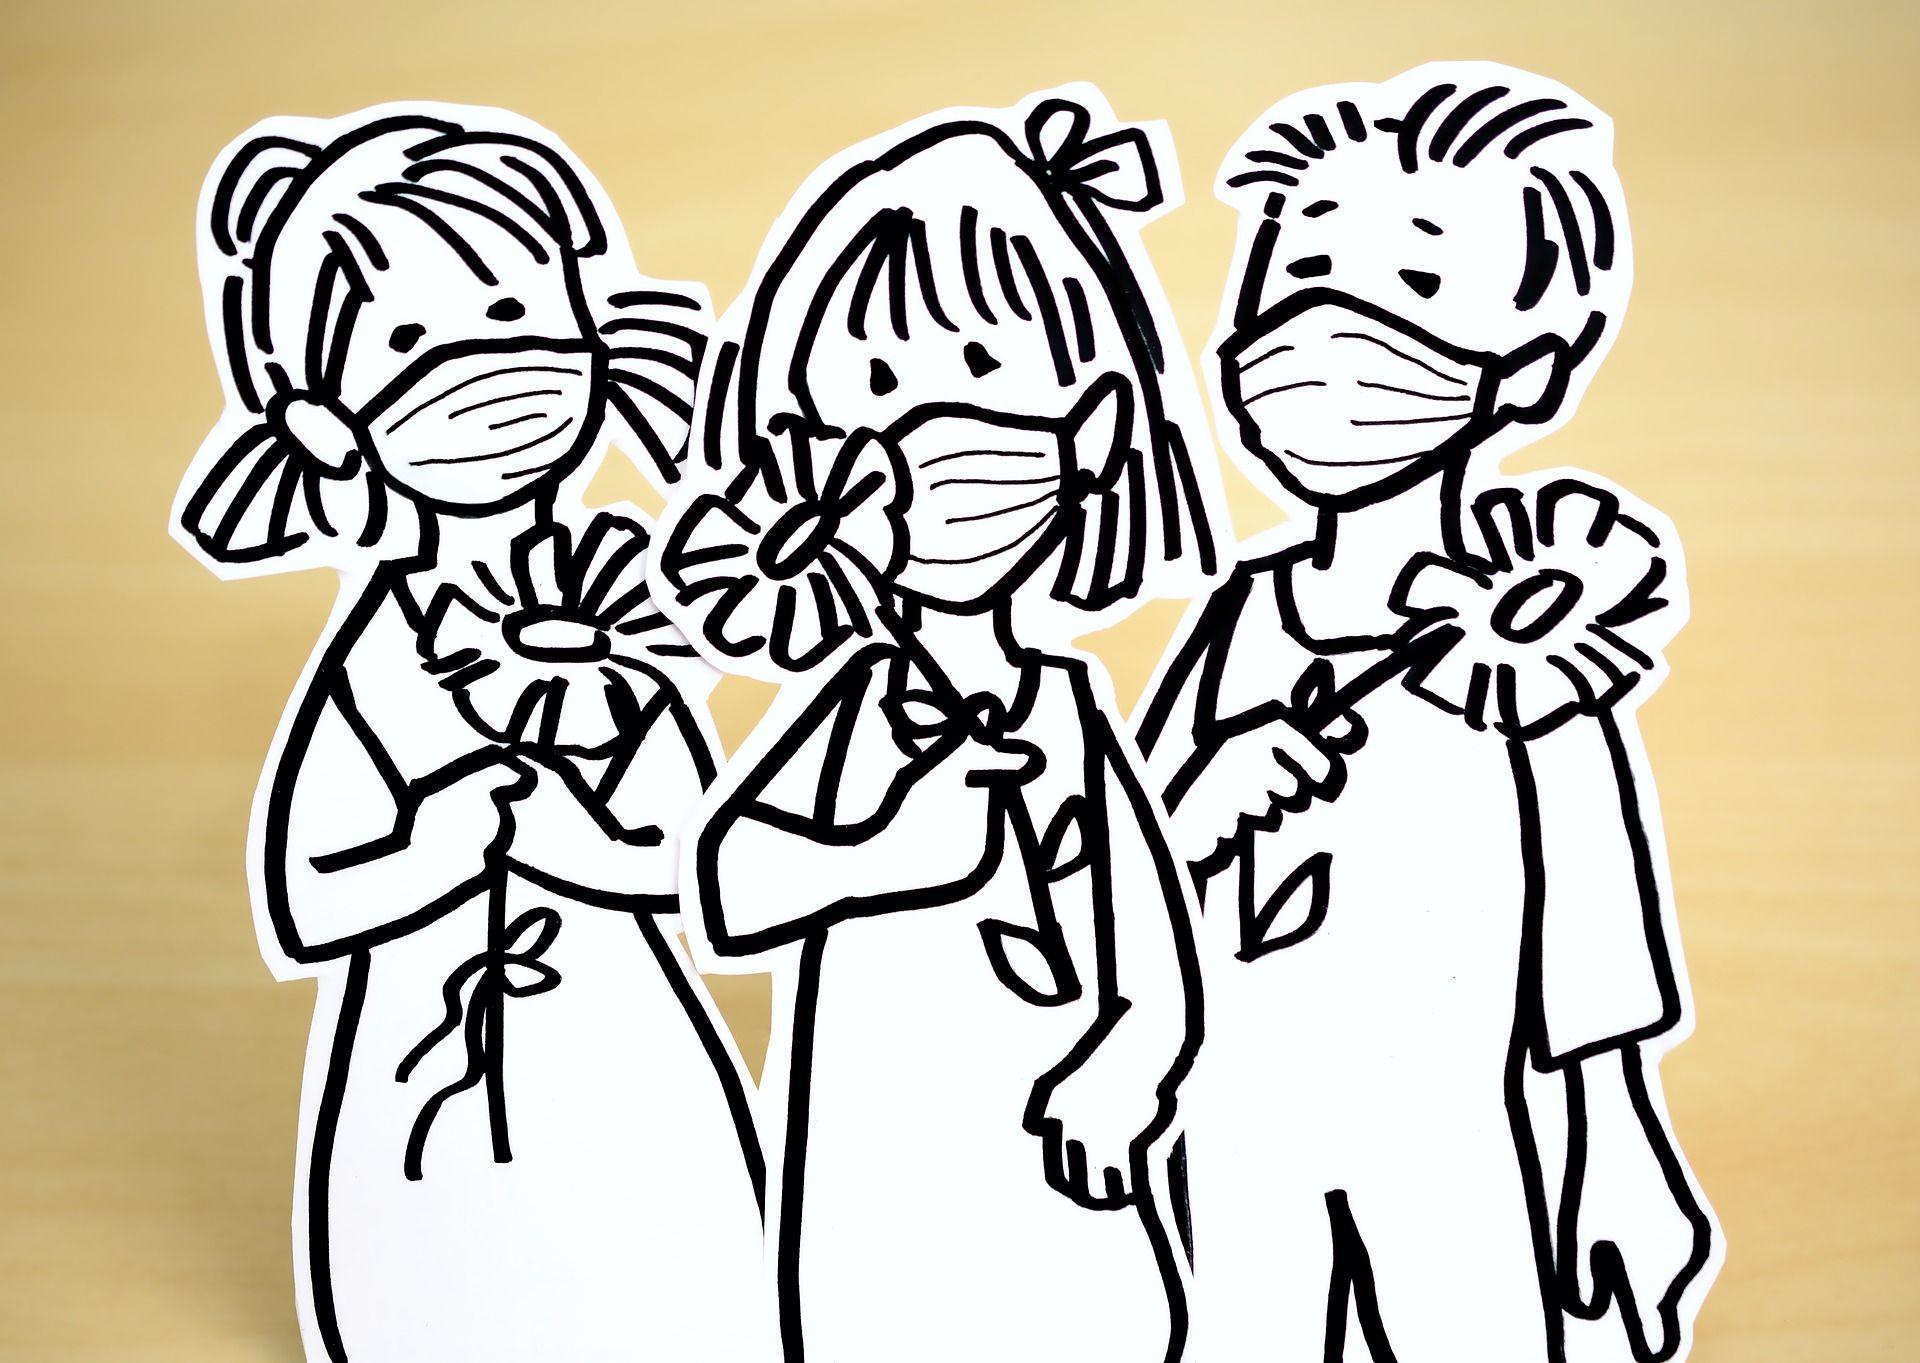 Die ganze Welt trägt Mundschutz